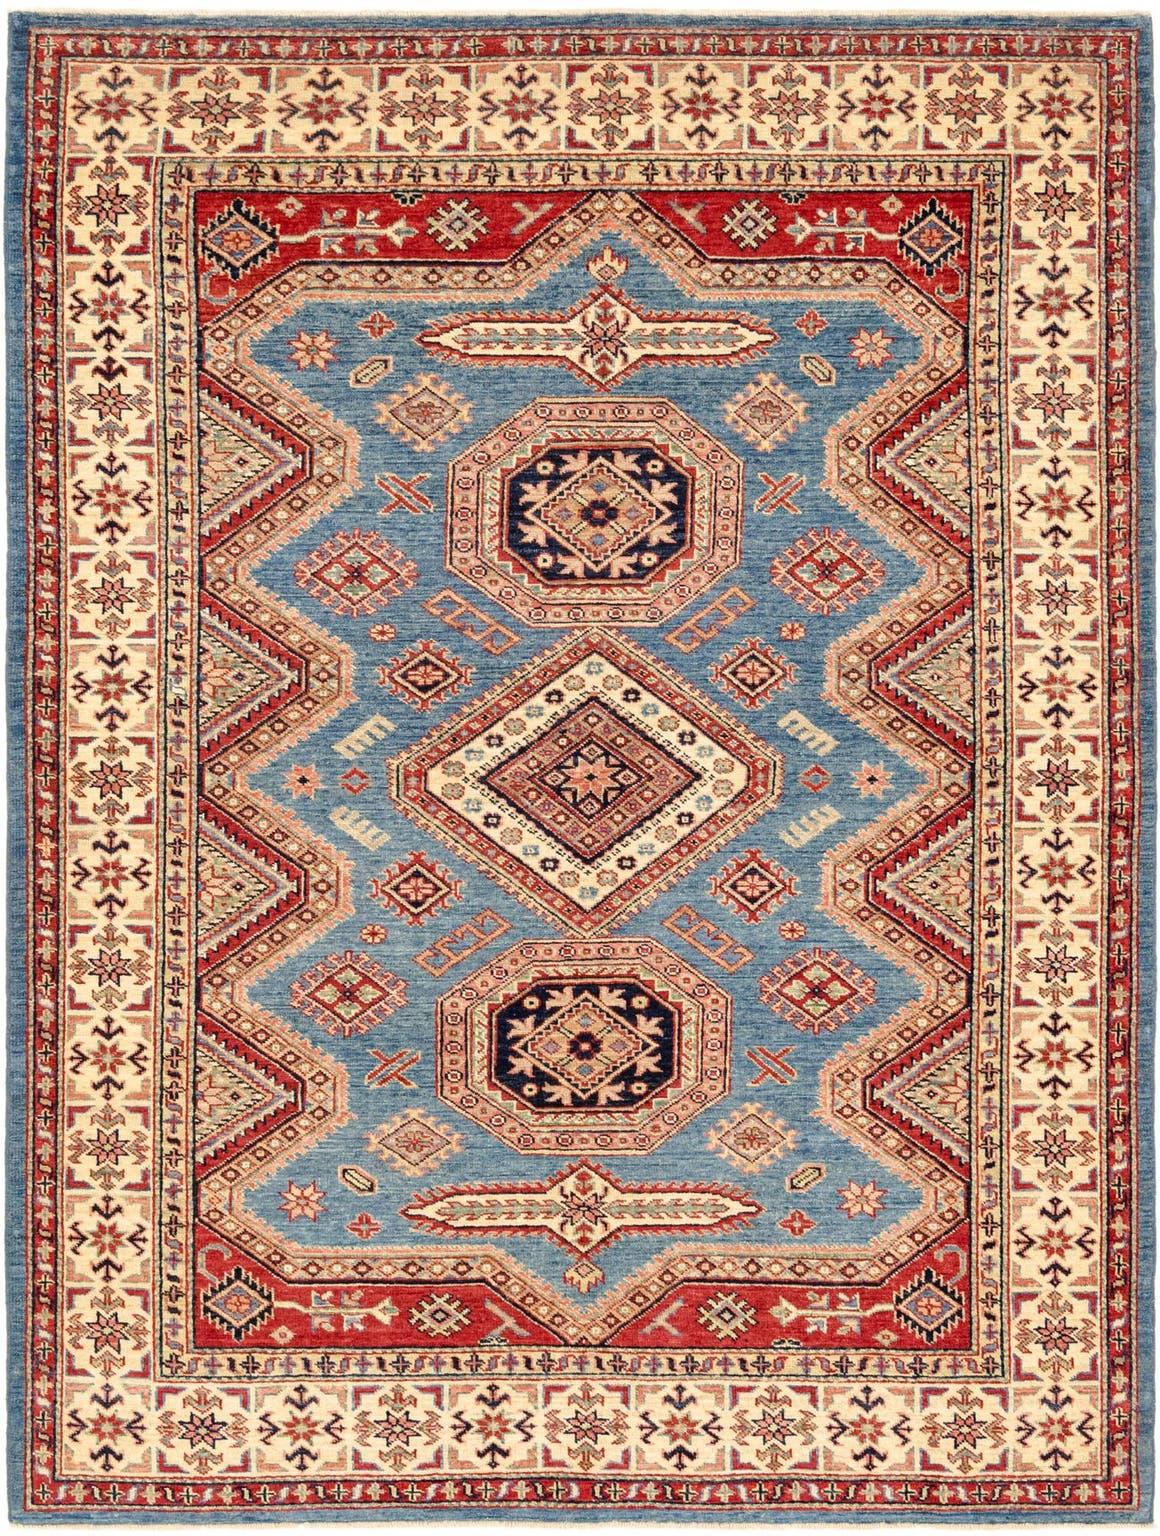 5' x 7' Kazak Oriental Rug main image